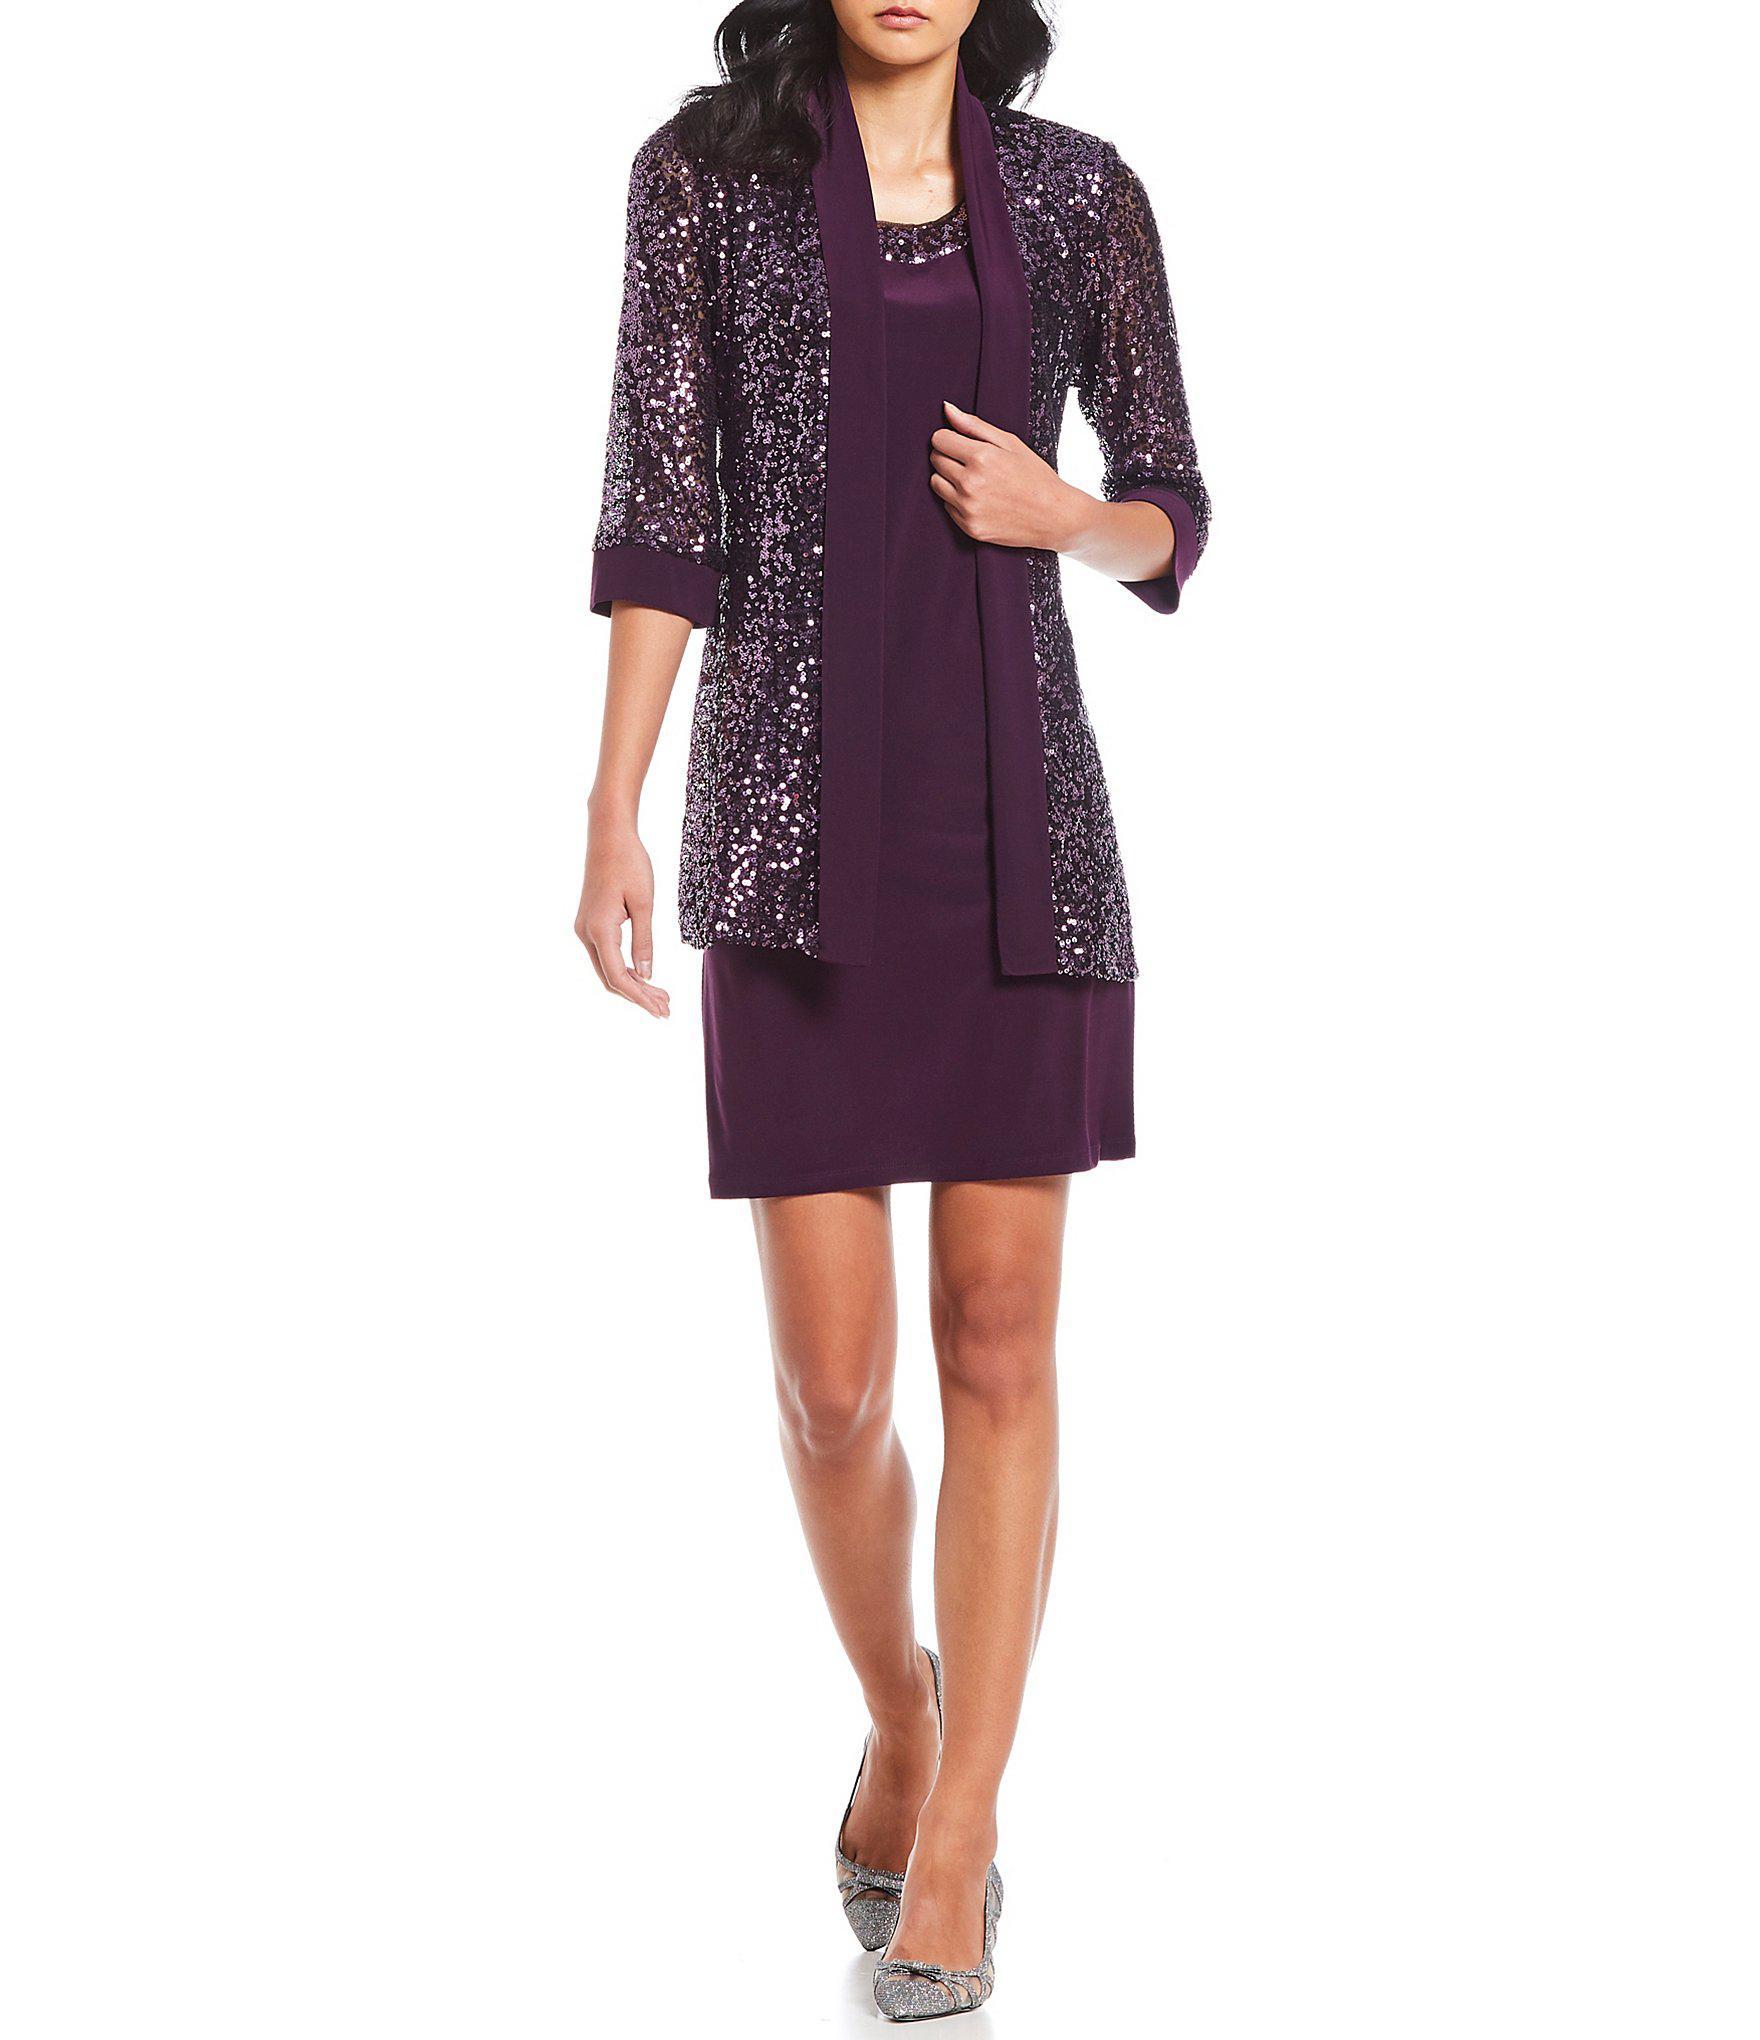 704e898de10b1 R   M Richards. Women s Purple Petite Size 2-piece Embellished Sequin Jacket  Dress